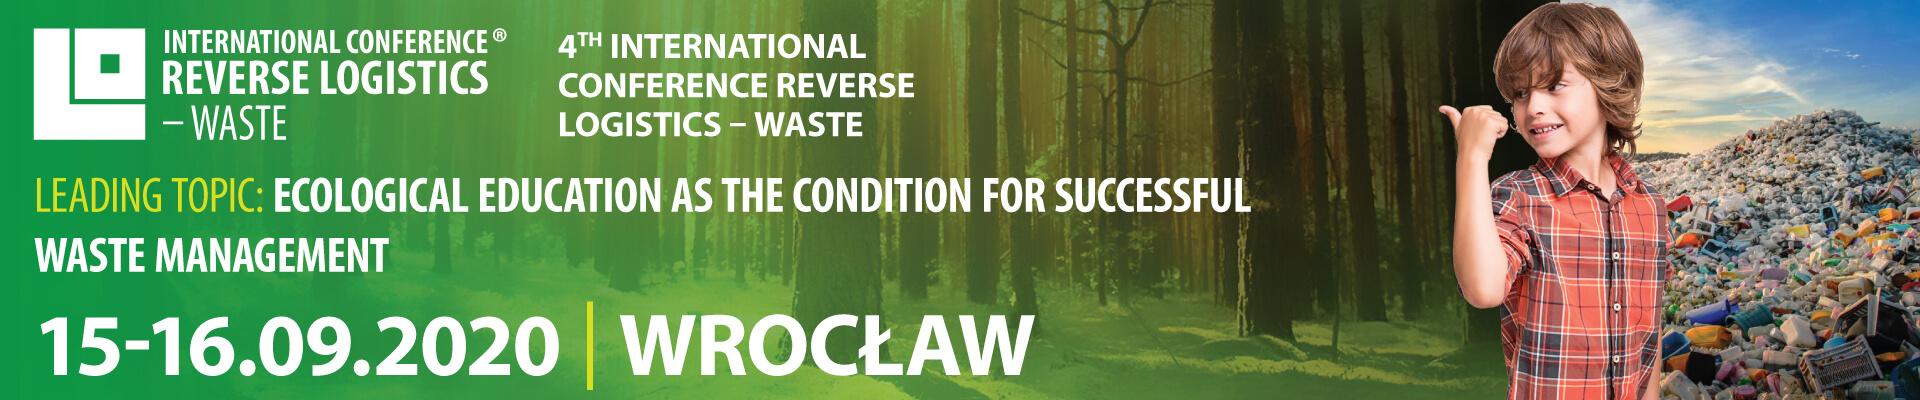 Międzynarodowa Konferencja Logistyka Odzysku - Odpady 2020 - EN